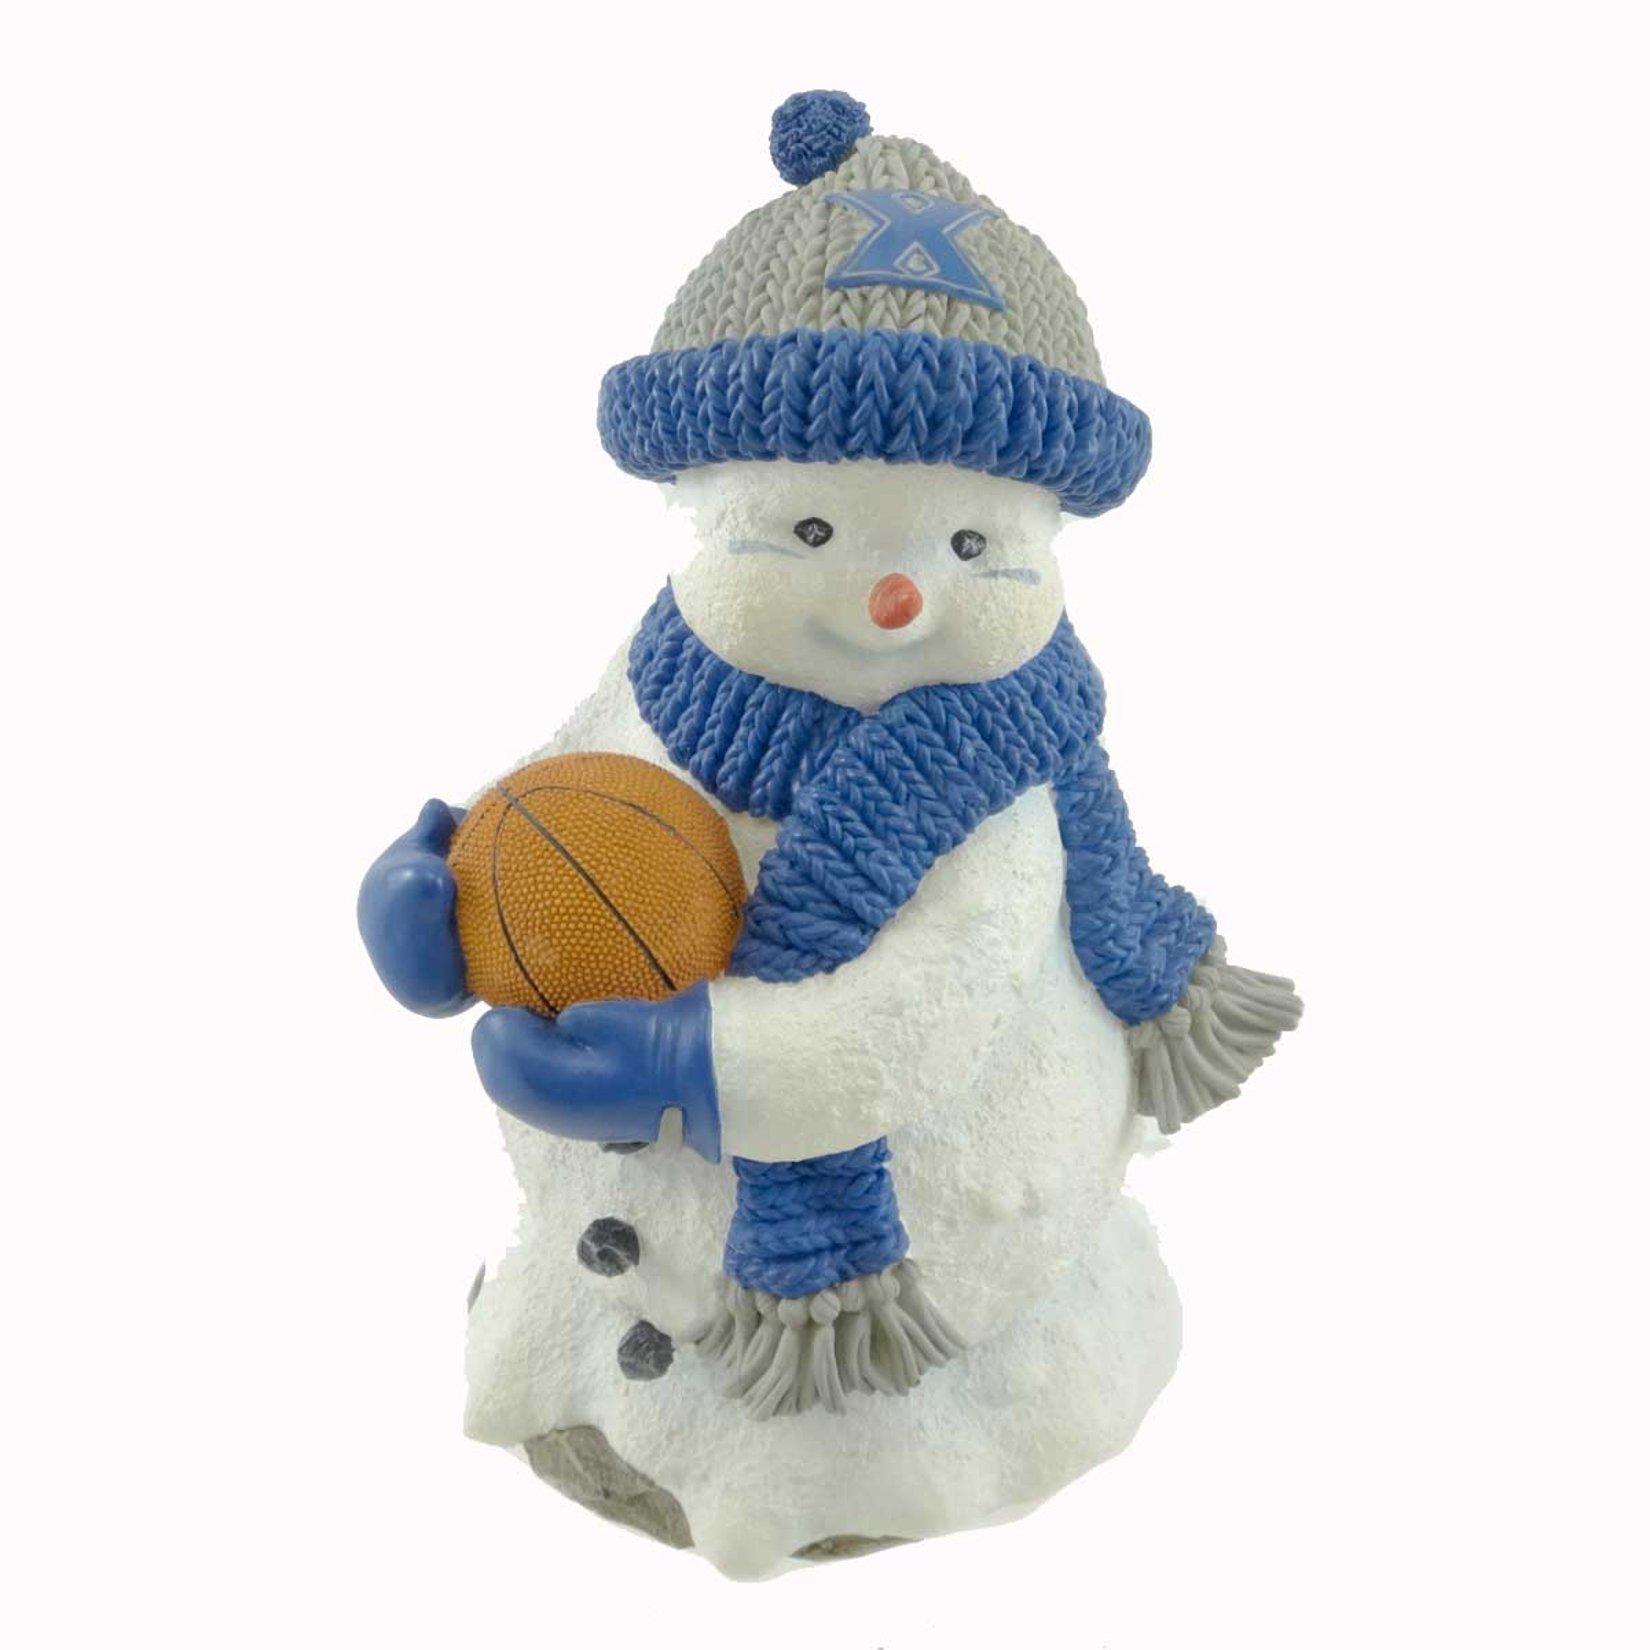 Full 90 Sports HENRY 1 FAN OF XAVIER UNIVER Resin Basketball College Snowman 517XA